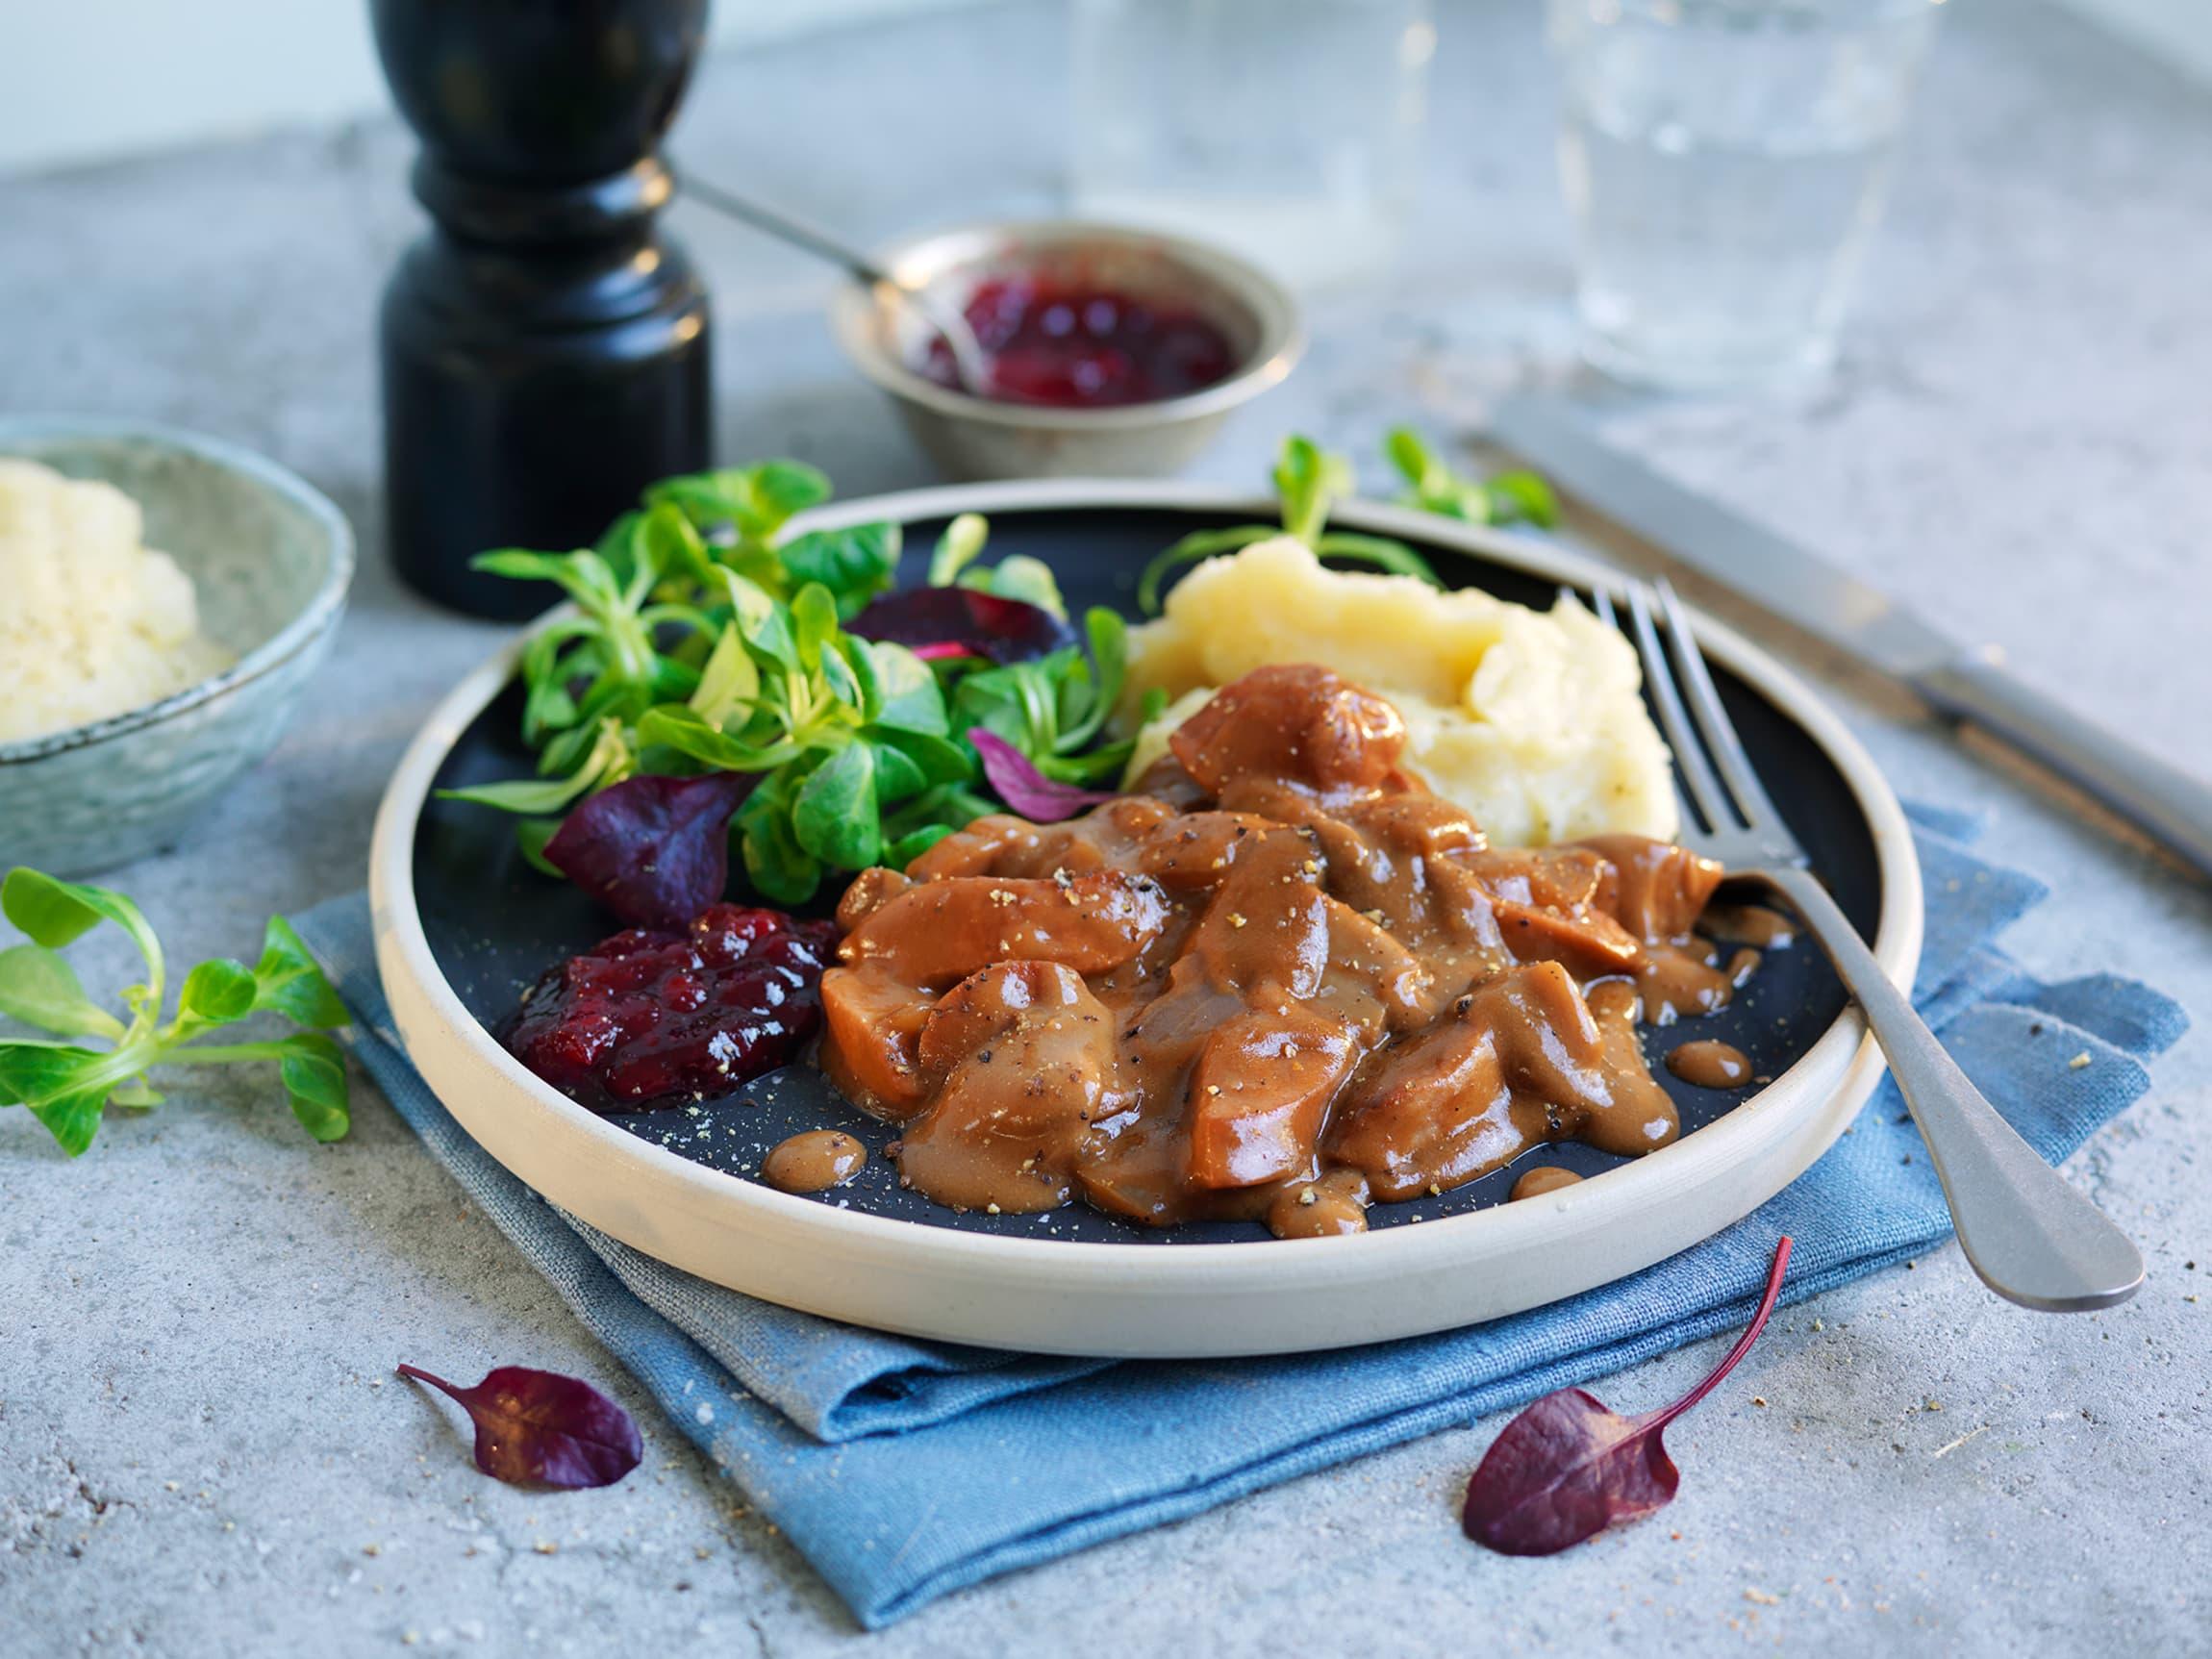 En enkel versjon av stroganoff, med kjøttpølse og potetmos. Med ferdig base og potetmos blir dette en rask middag for hele familien på under 20 minutter.